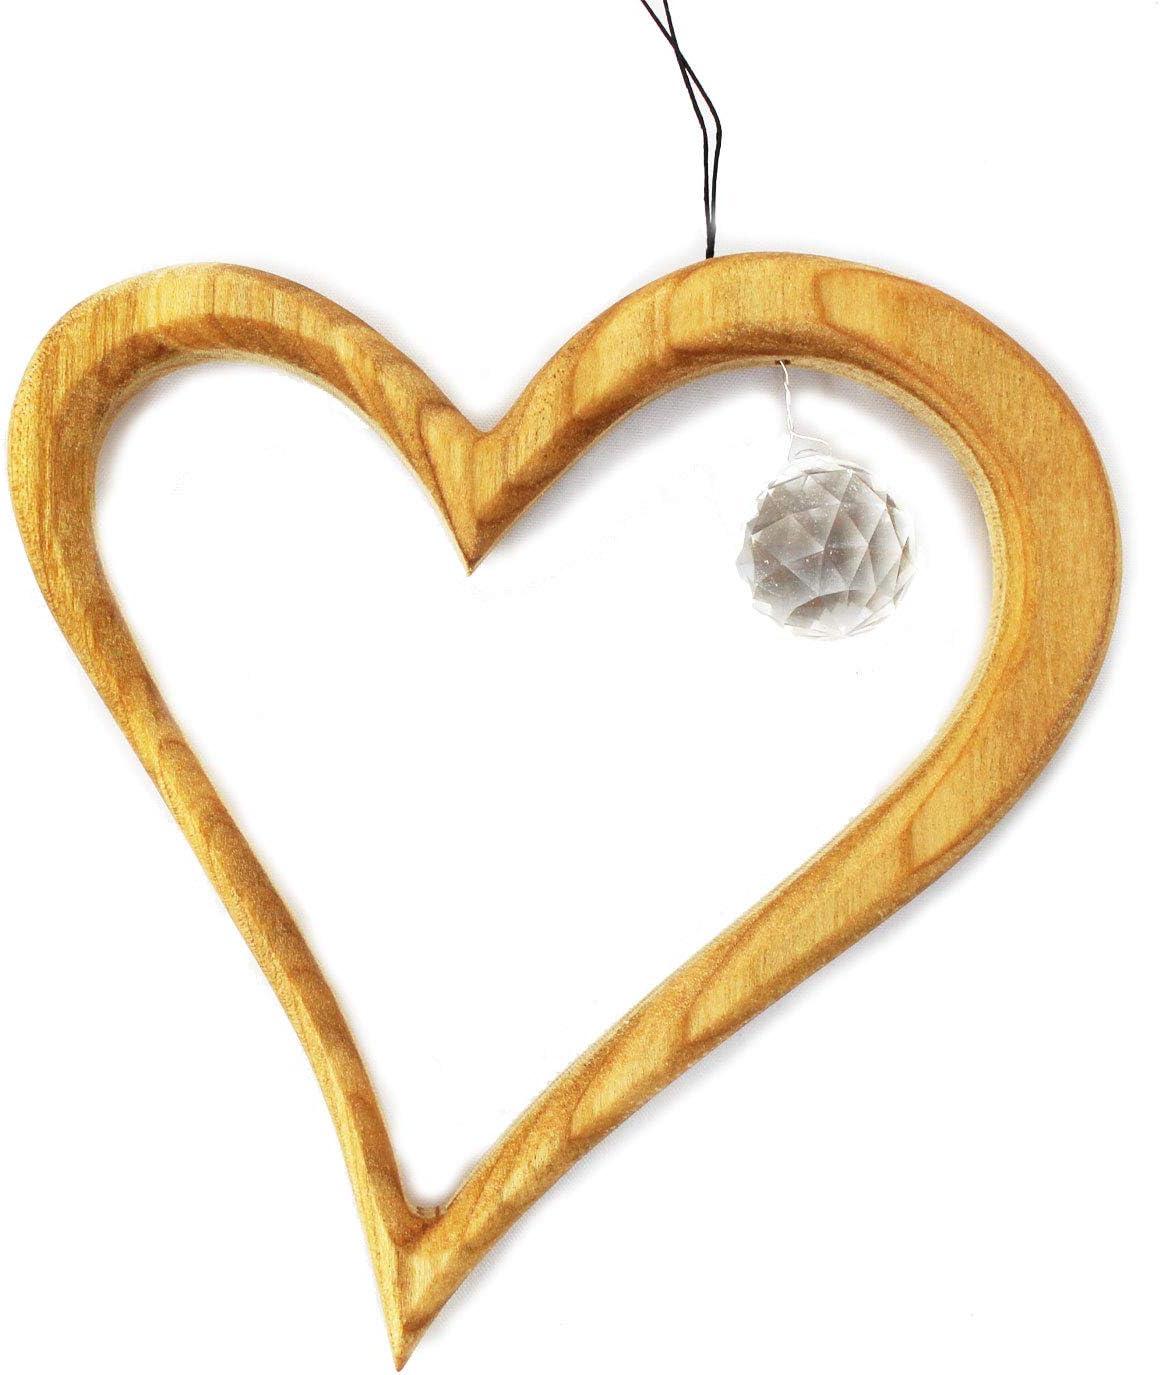 Fensterschmuck Fensterdeko Geschenkidee Valentinstag Muttertag Weihnachten Fenster Deko zum Aufh/ängen Herz aus Holz mit Kristall